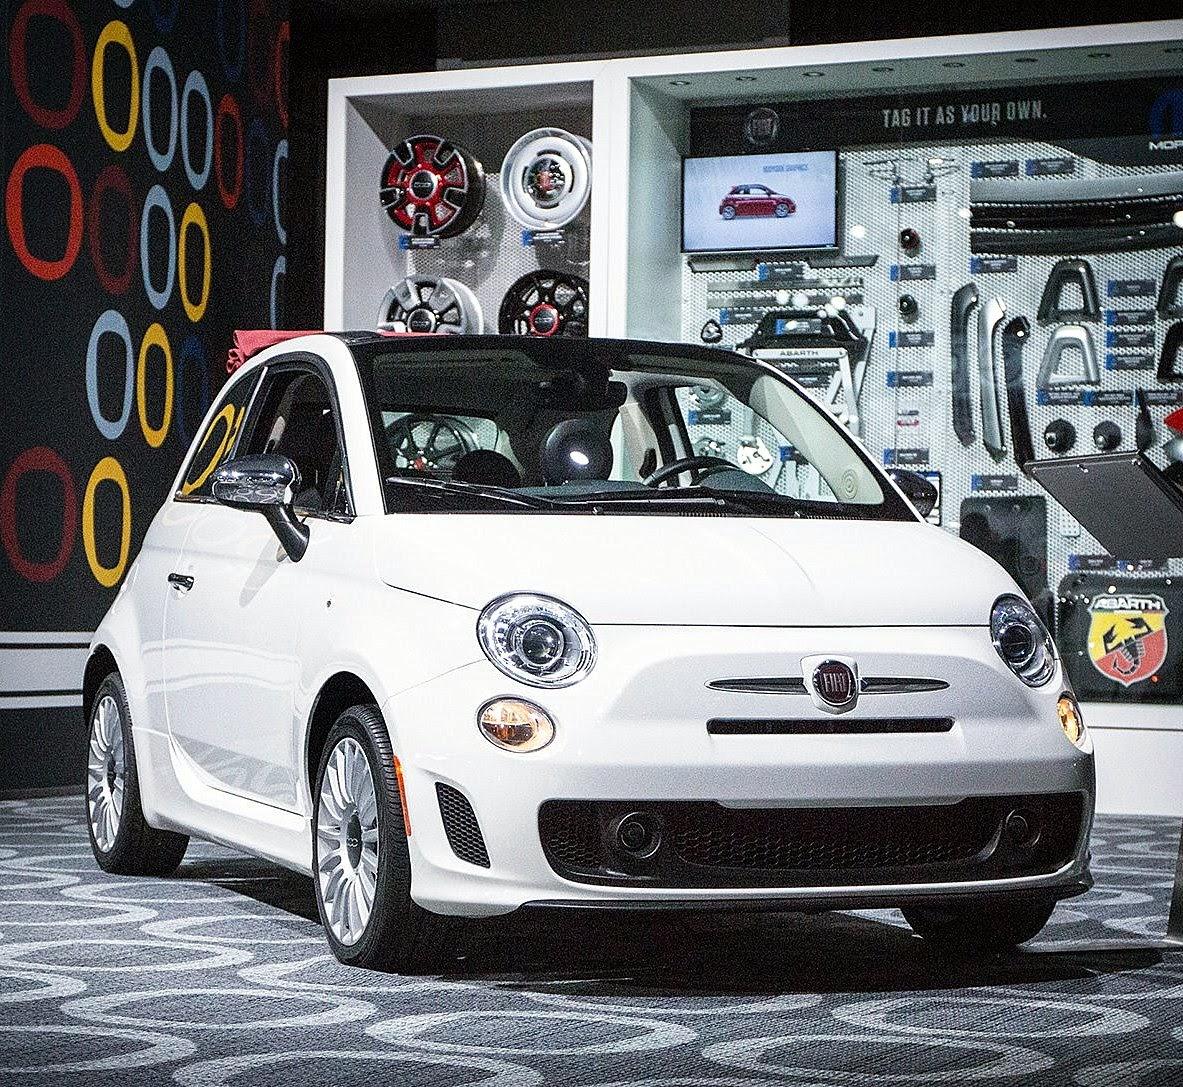 Fiat 500 USA: November 2018